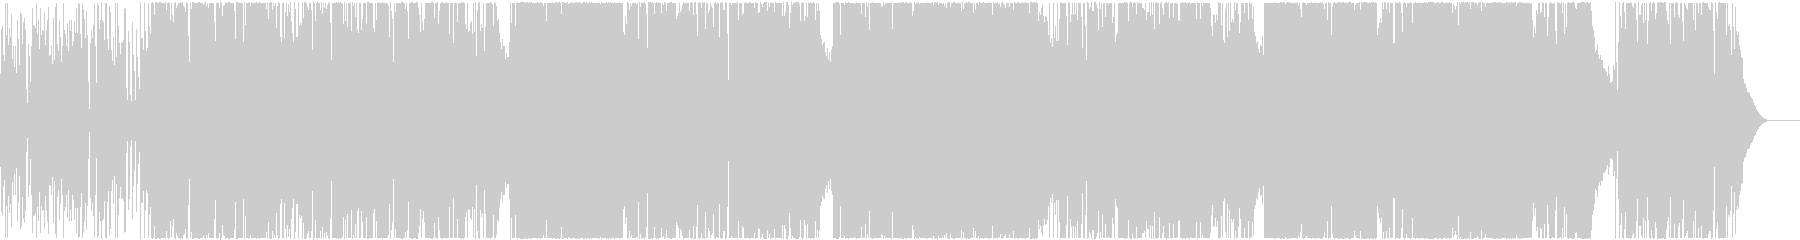 アン=サリヴァンの休日の未再生の波形